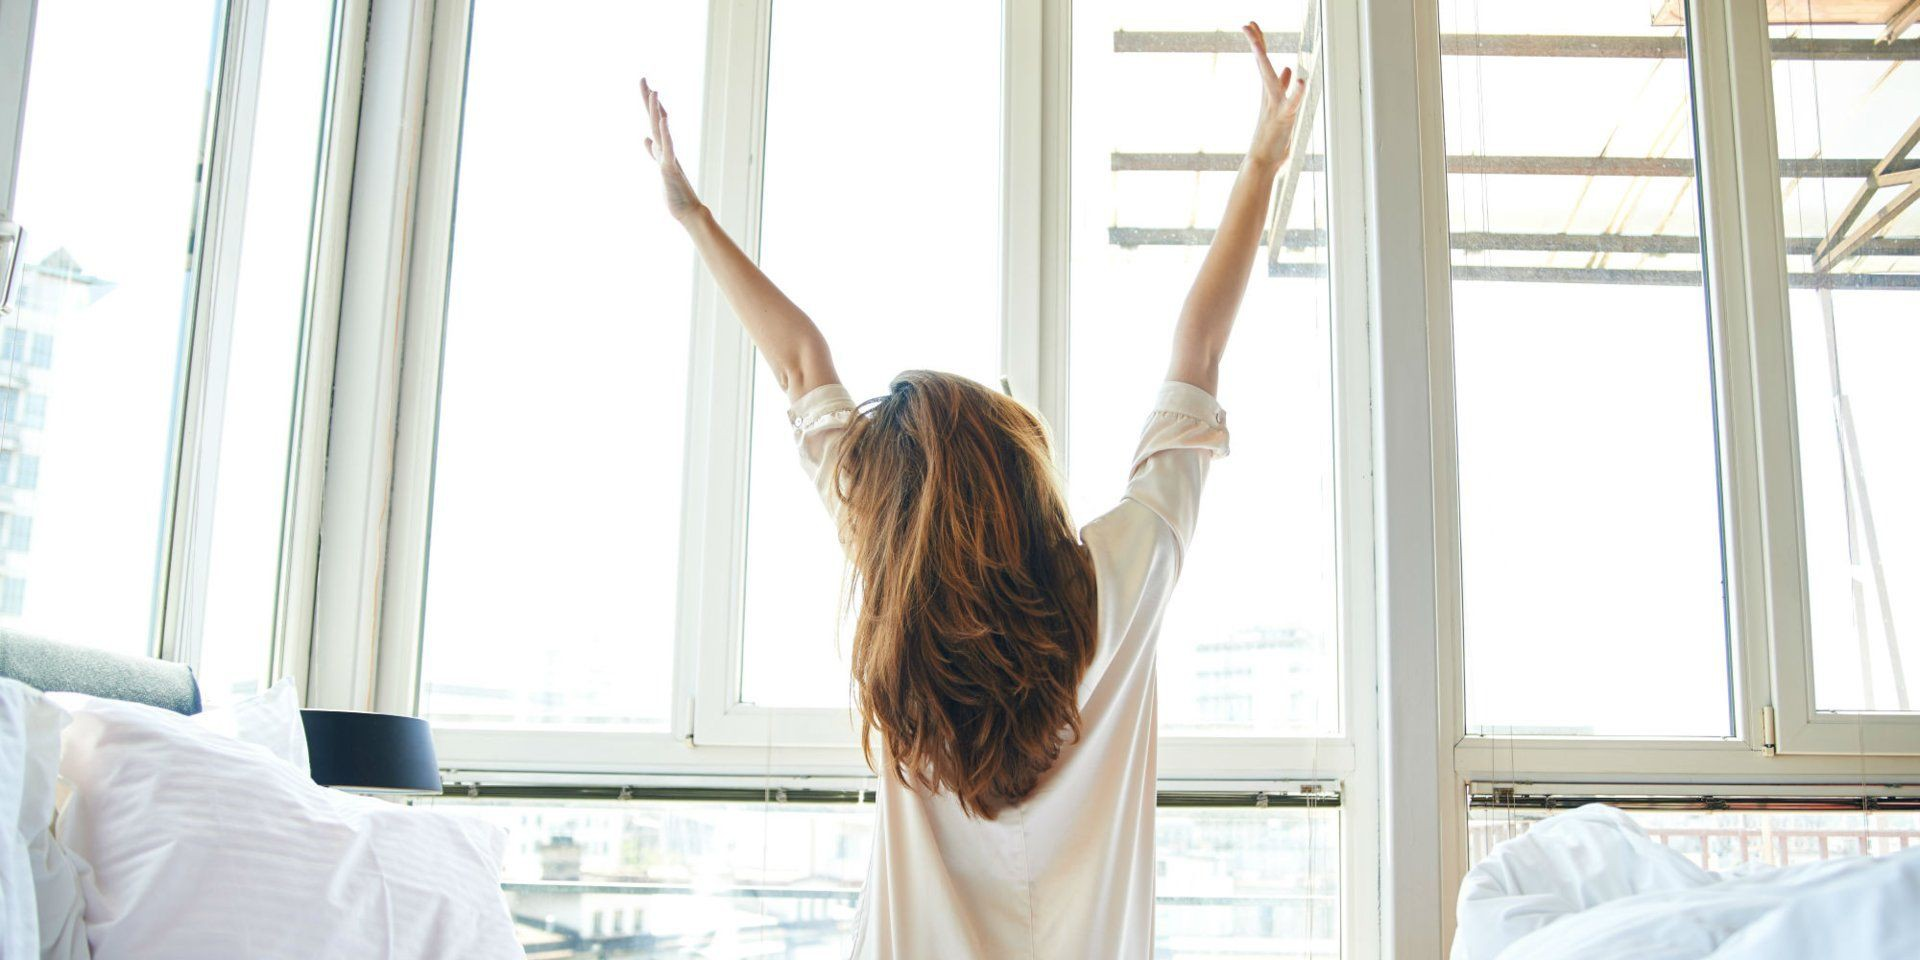 Làm 5 điều này trước khi ăn sáng vừa giúp đẹp da, vừa cải thiện vóc dáng hiệu quả - Ảnh 2.